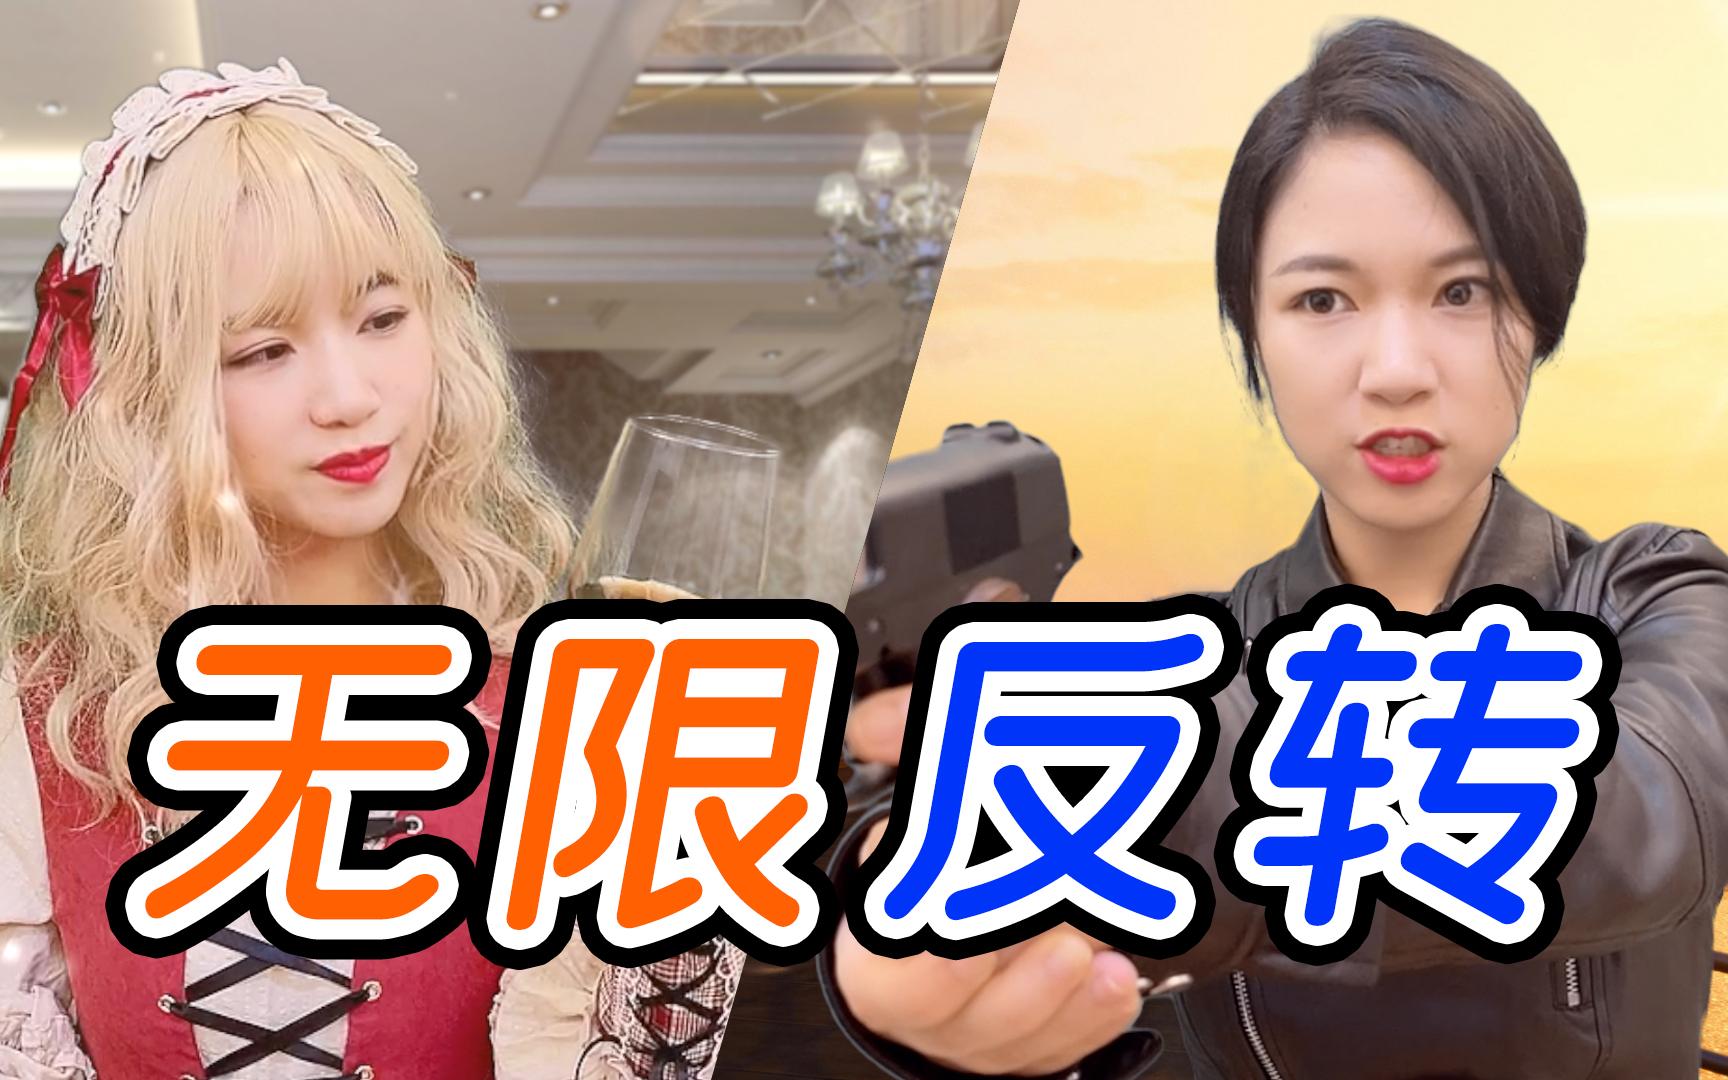 穿越玛丽苏vs警匪港剧,谁能赢?!